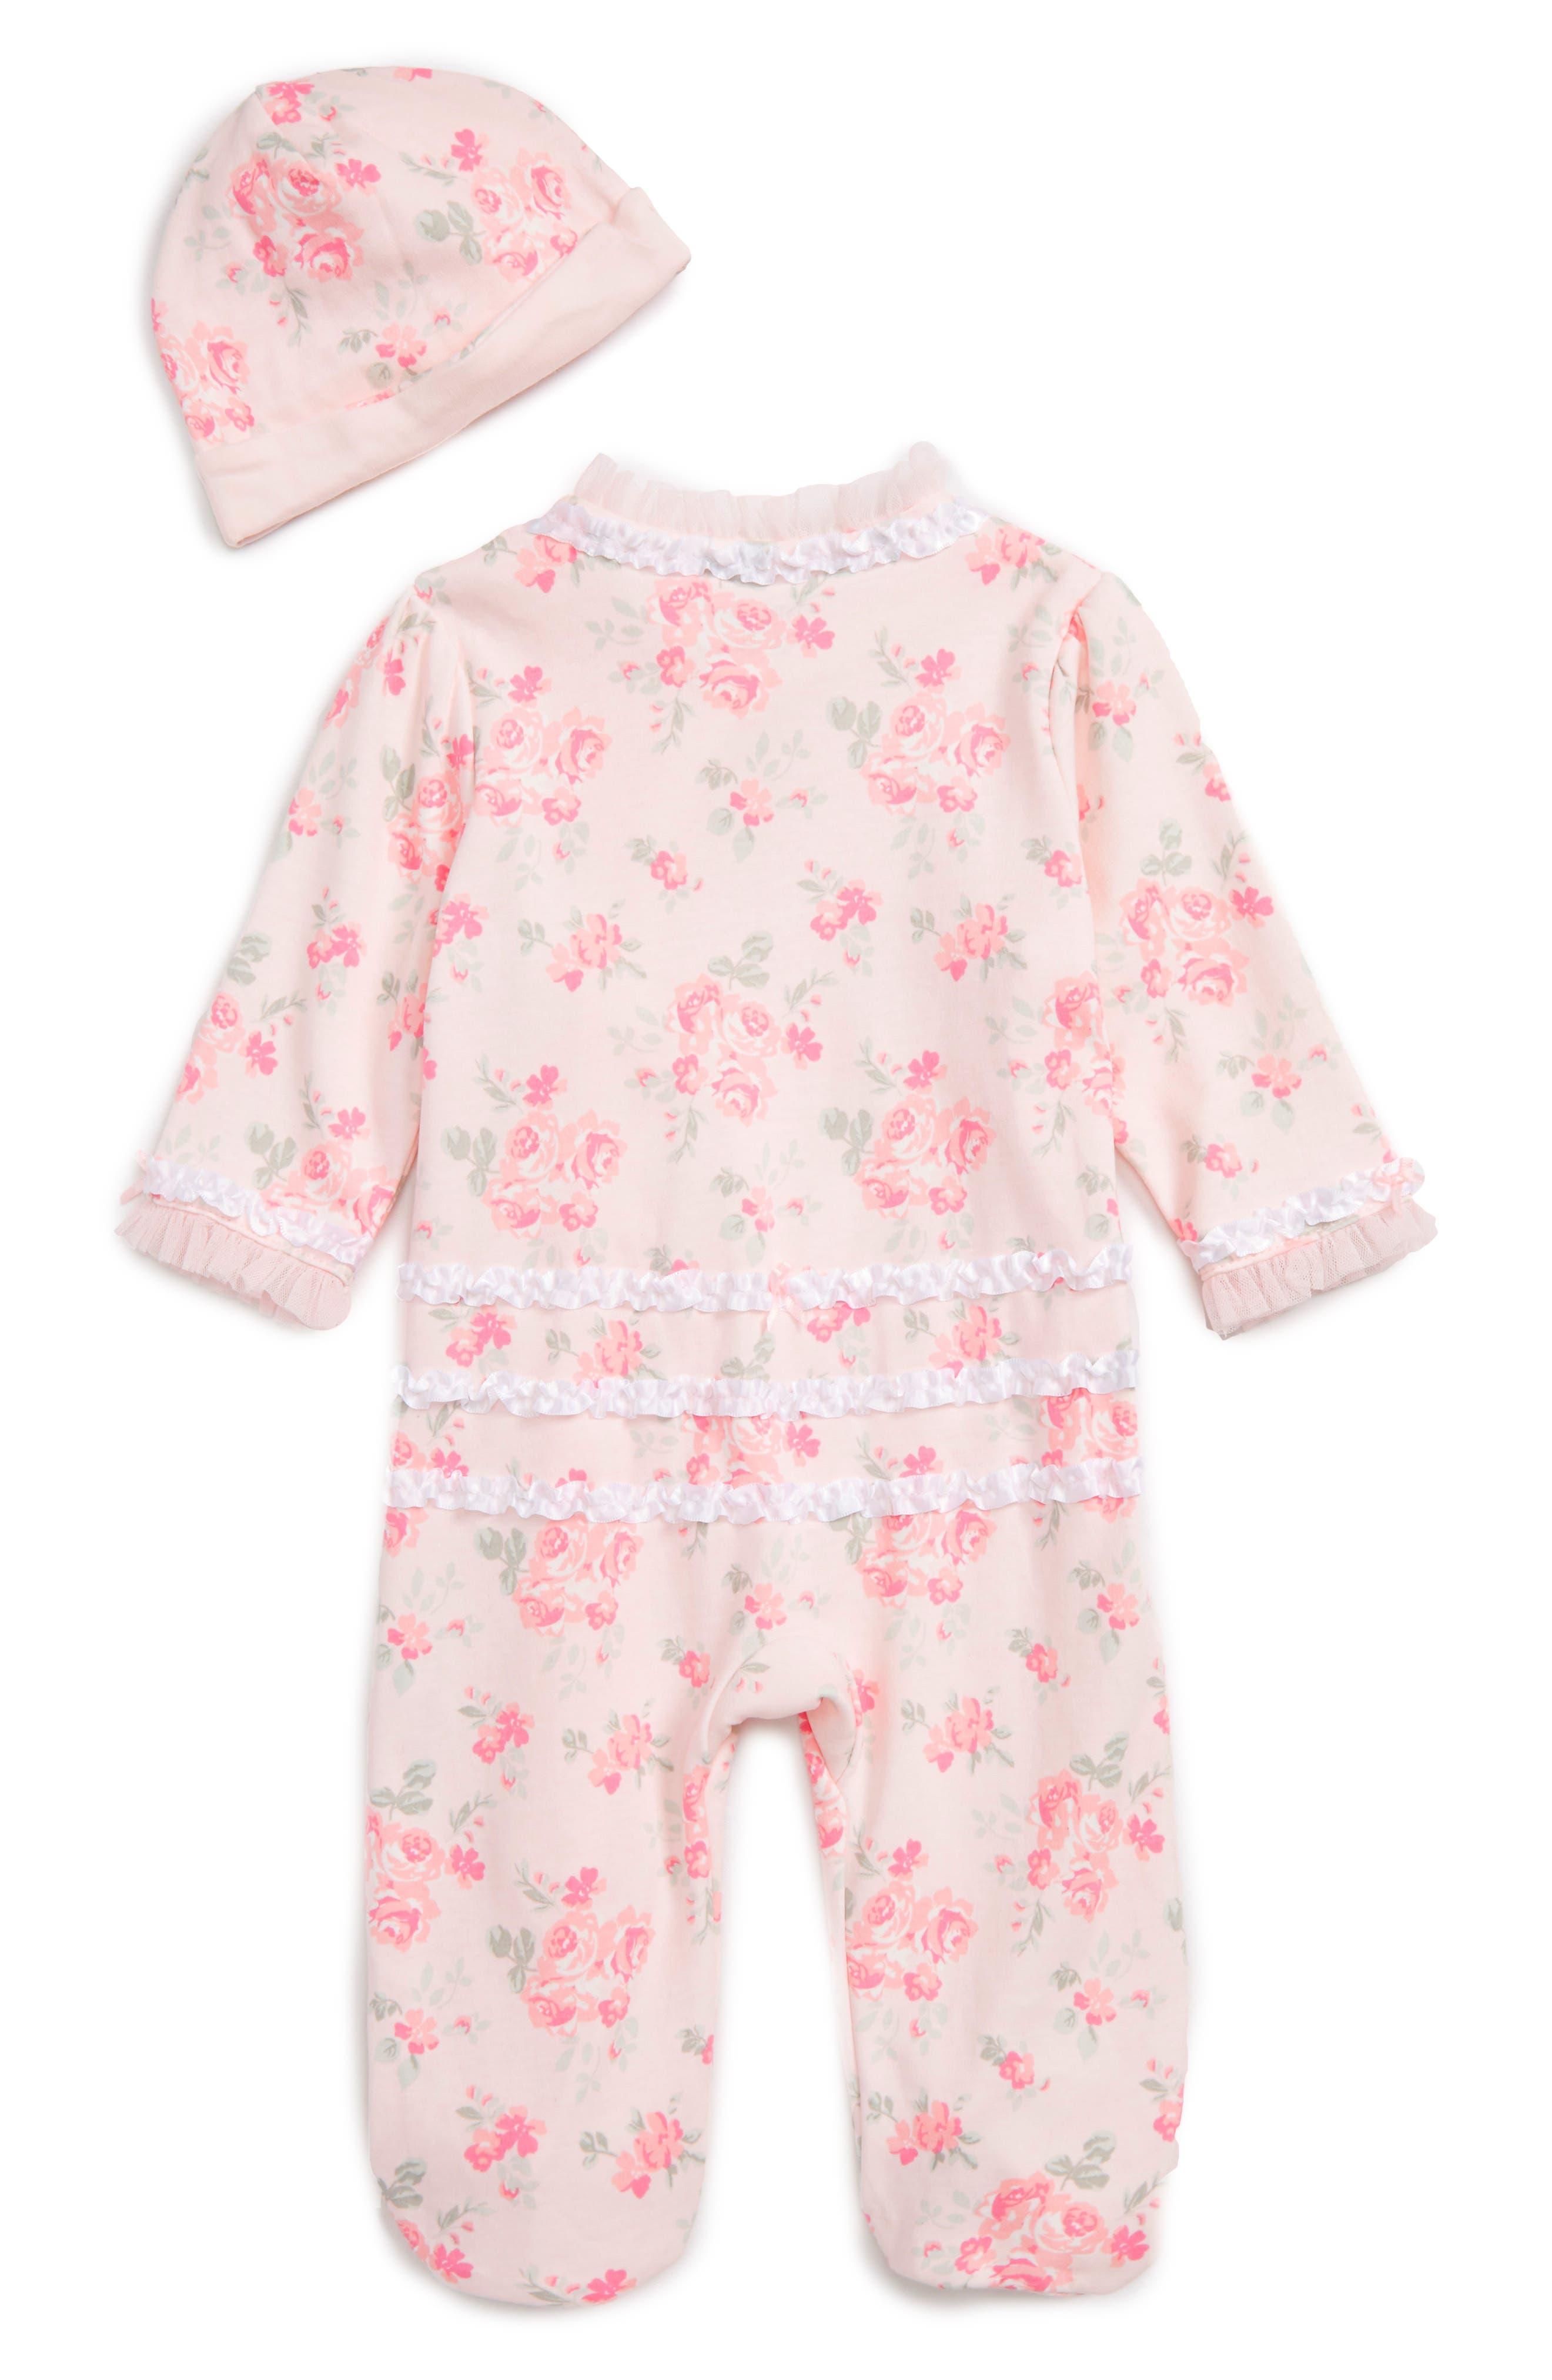 Footie & Beanie Set,                             Alternate thumbnail 2, color,                             Pink Floral